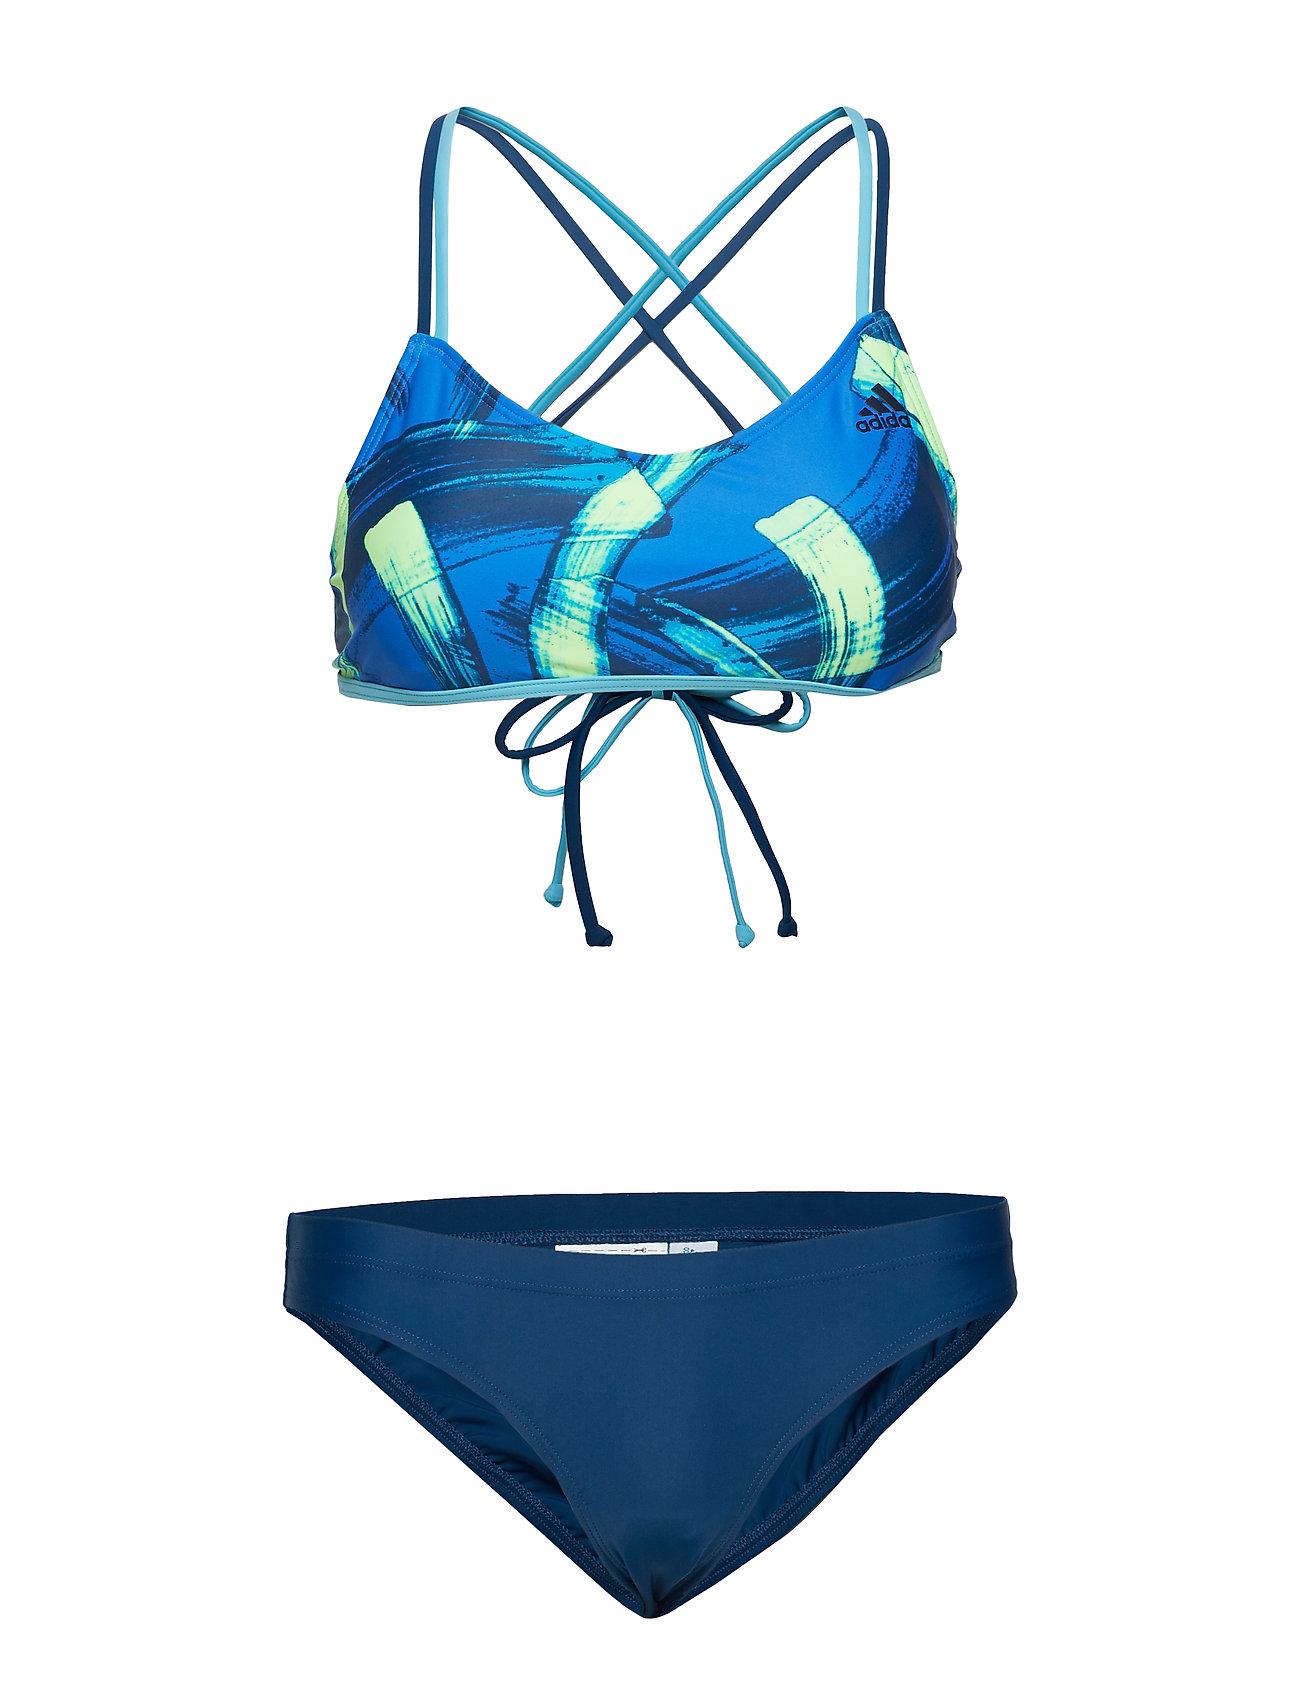 81b241308 Bw Parleyc Bik (Blue/hireye) (£42.95) - adidas - | Boozt.com